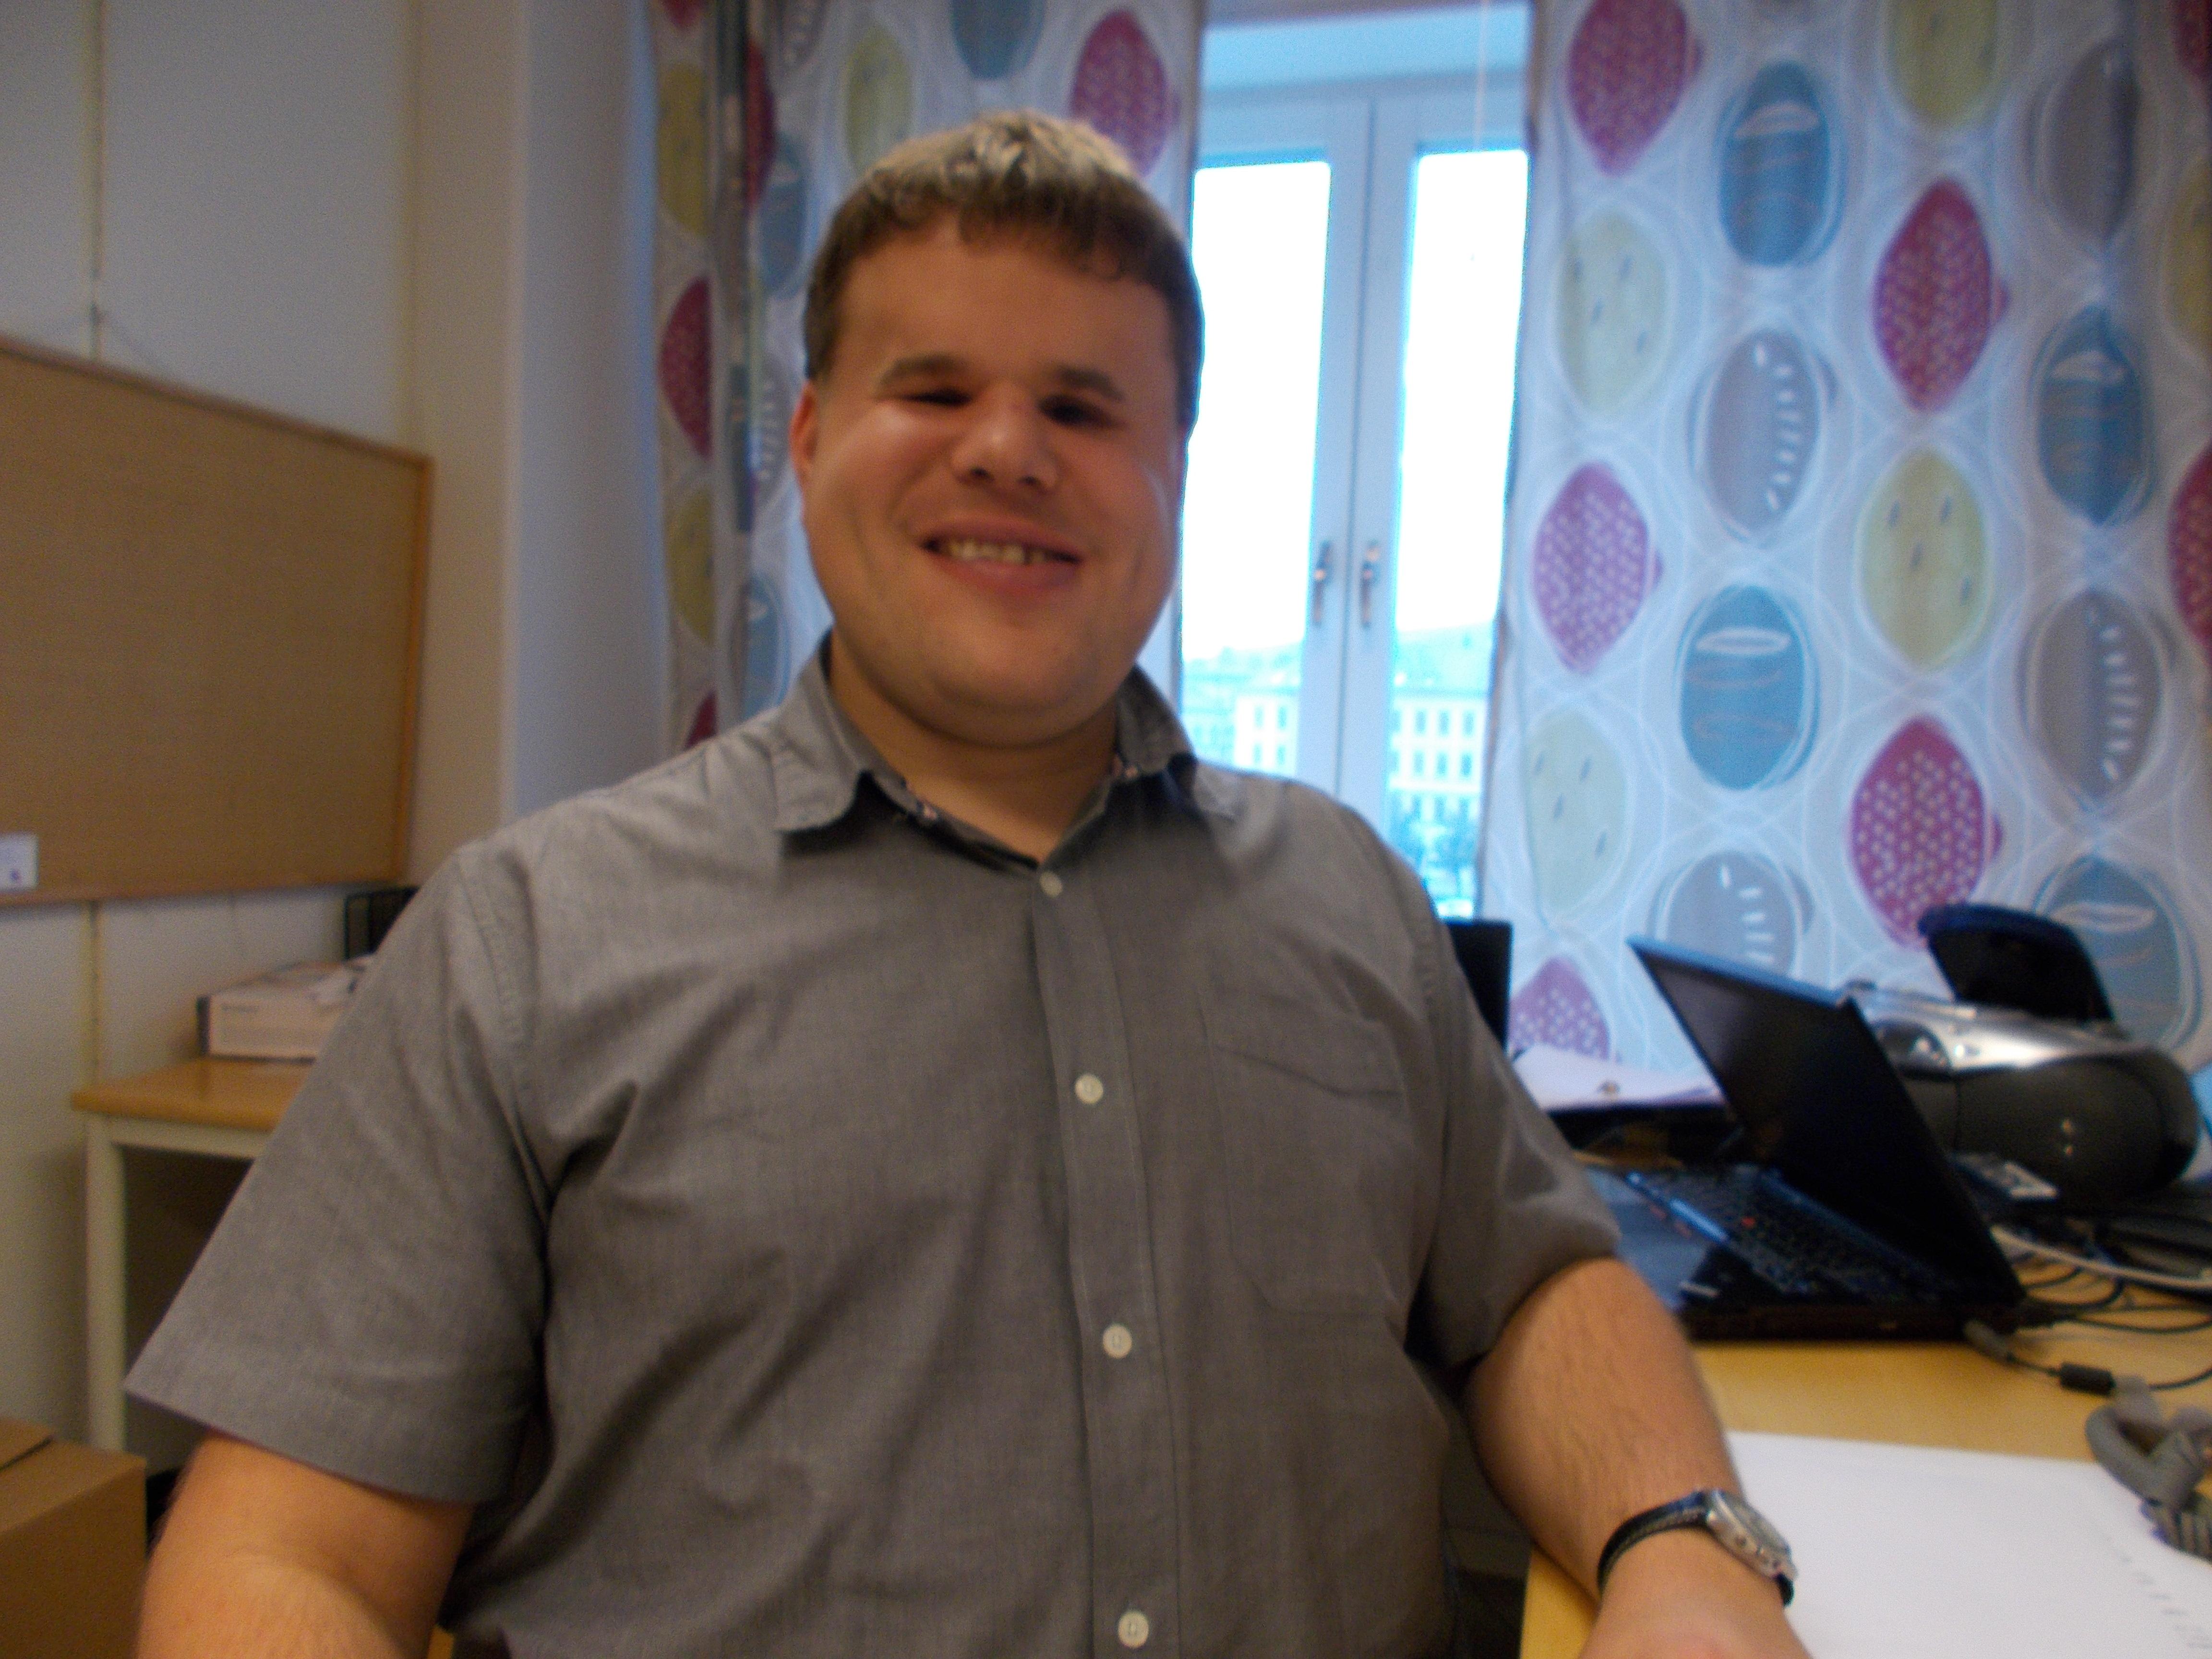 Peter ler mot kameran. Han bär en grå kortärmad skjorta